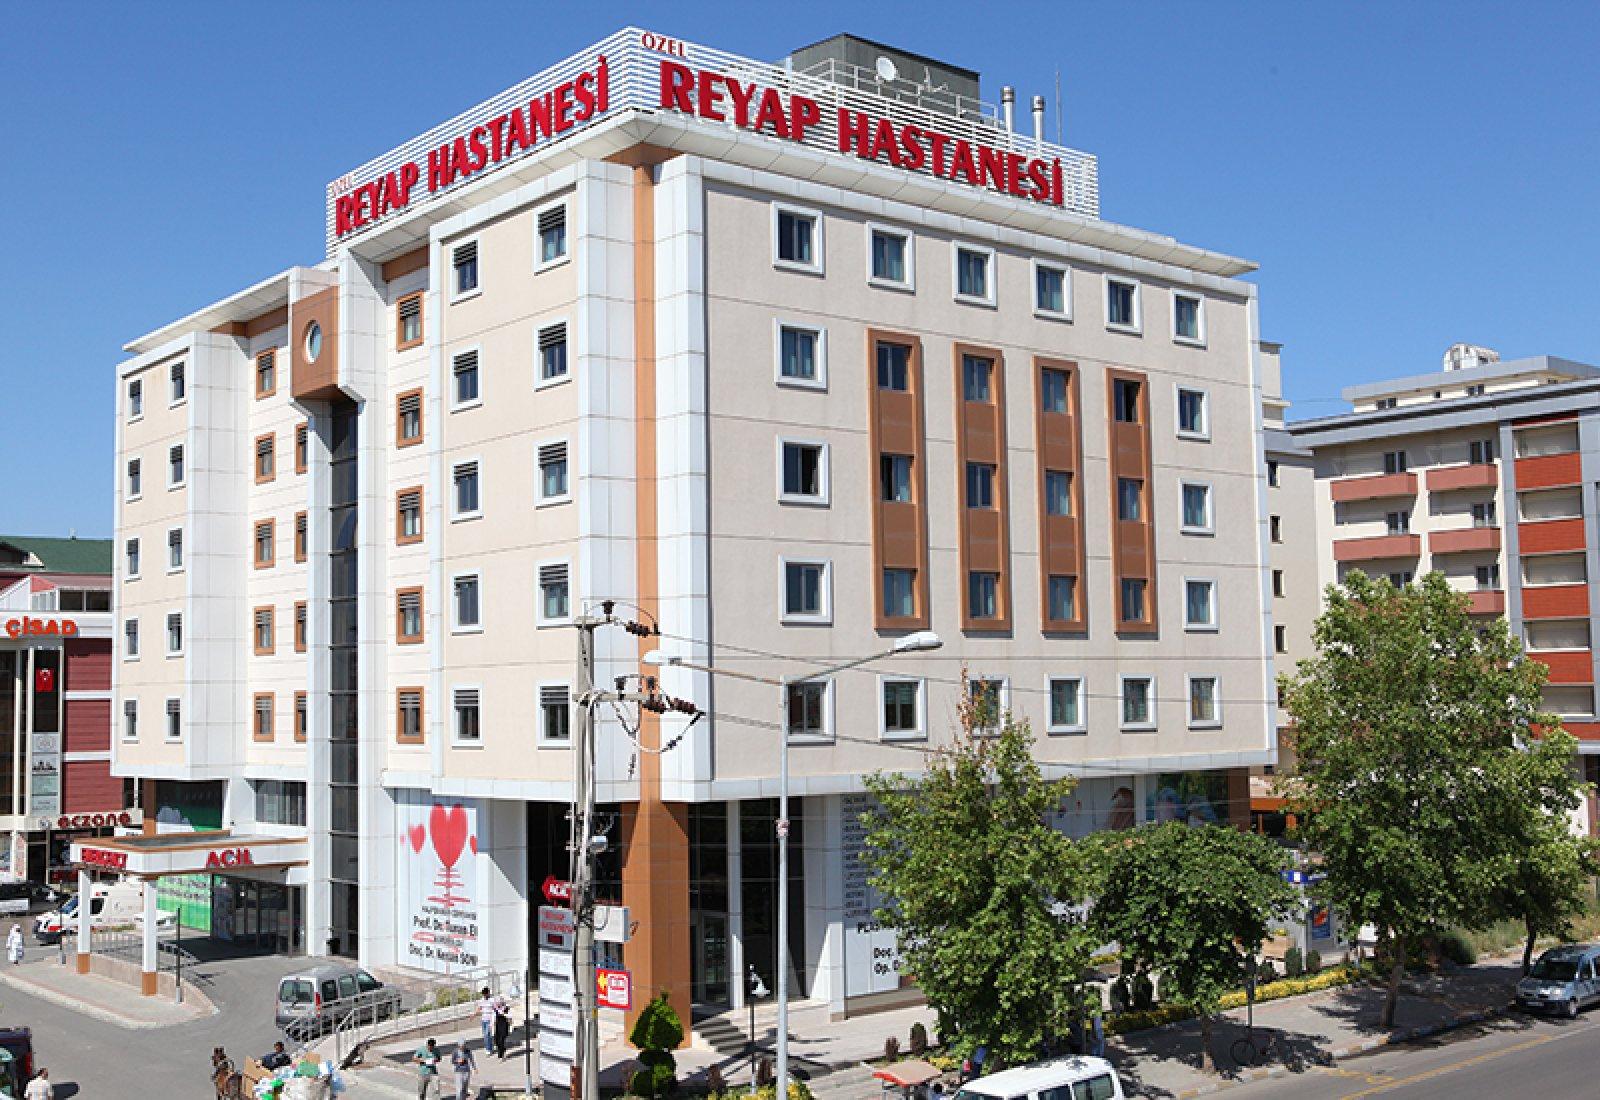 Çorlu Özel Reyap Hastanesi